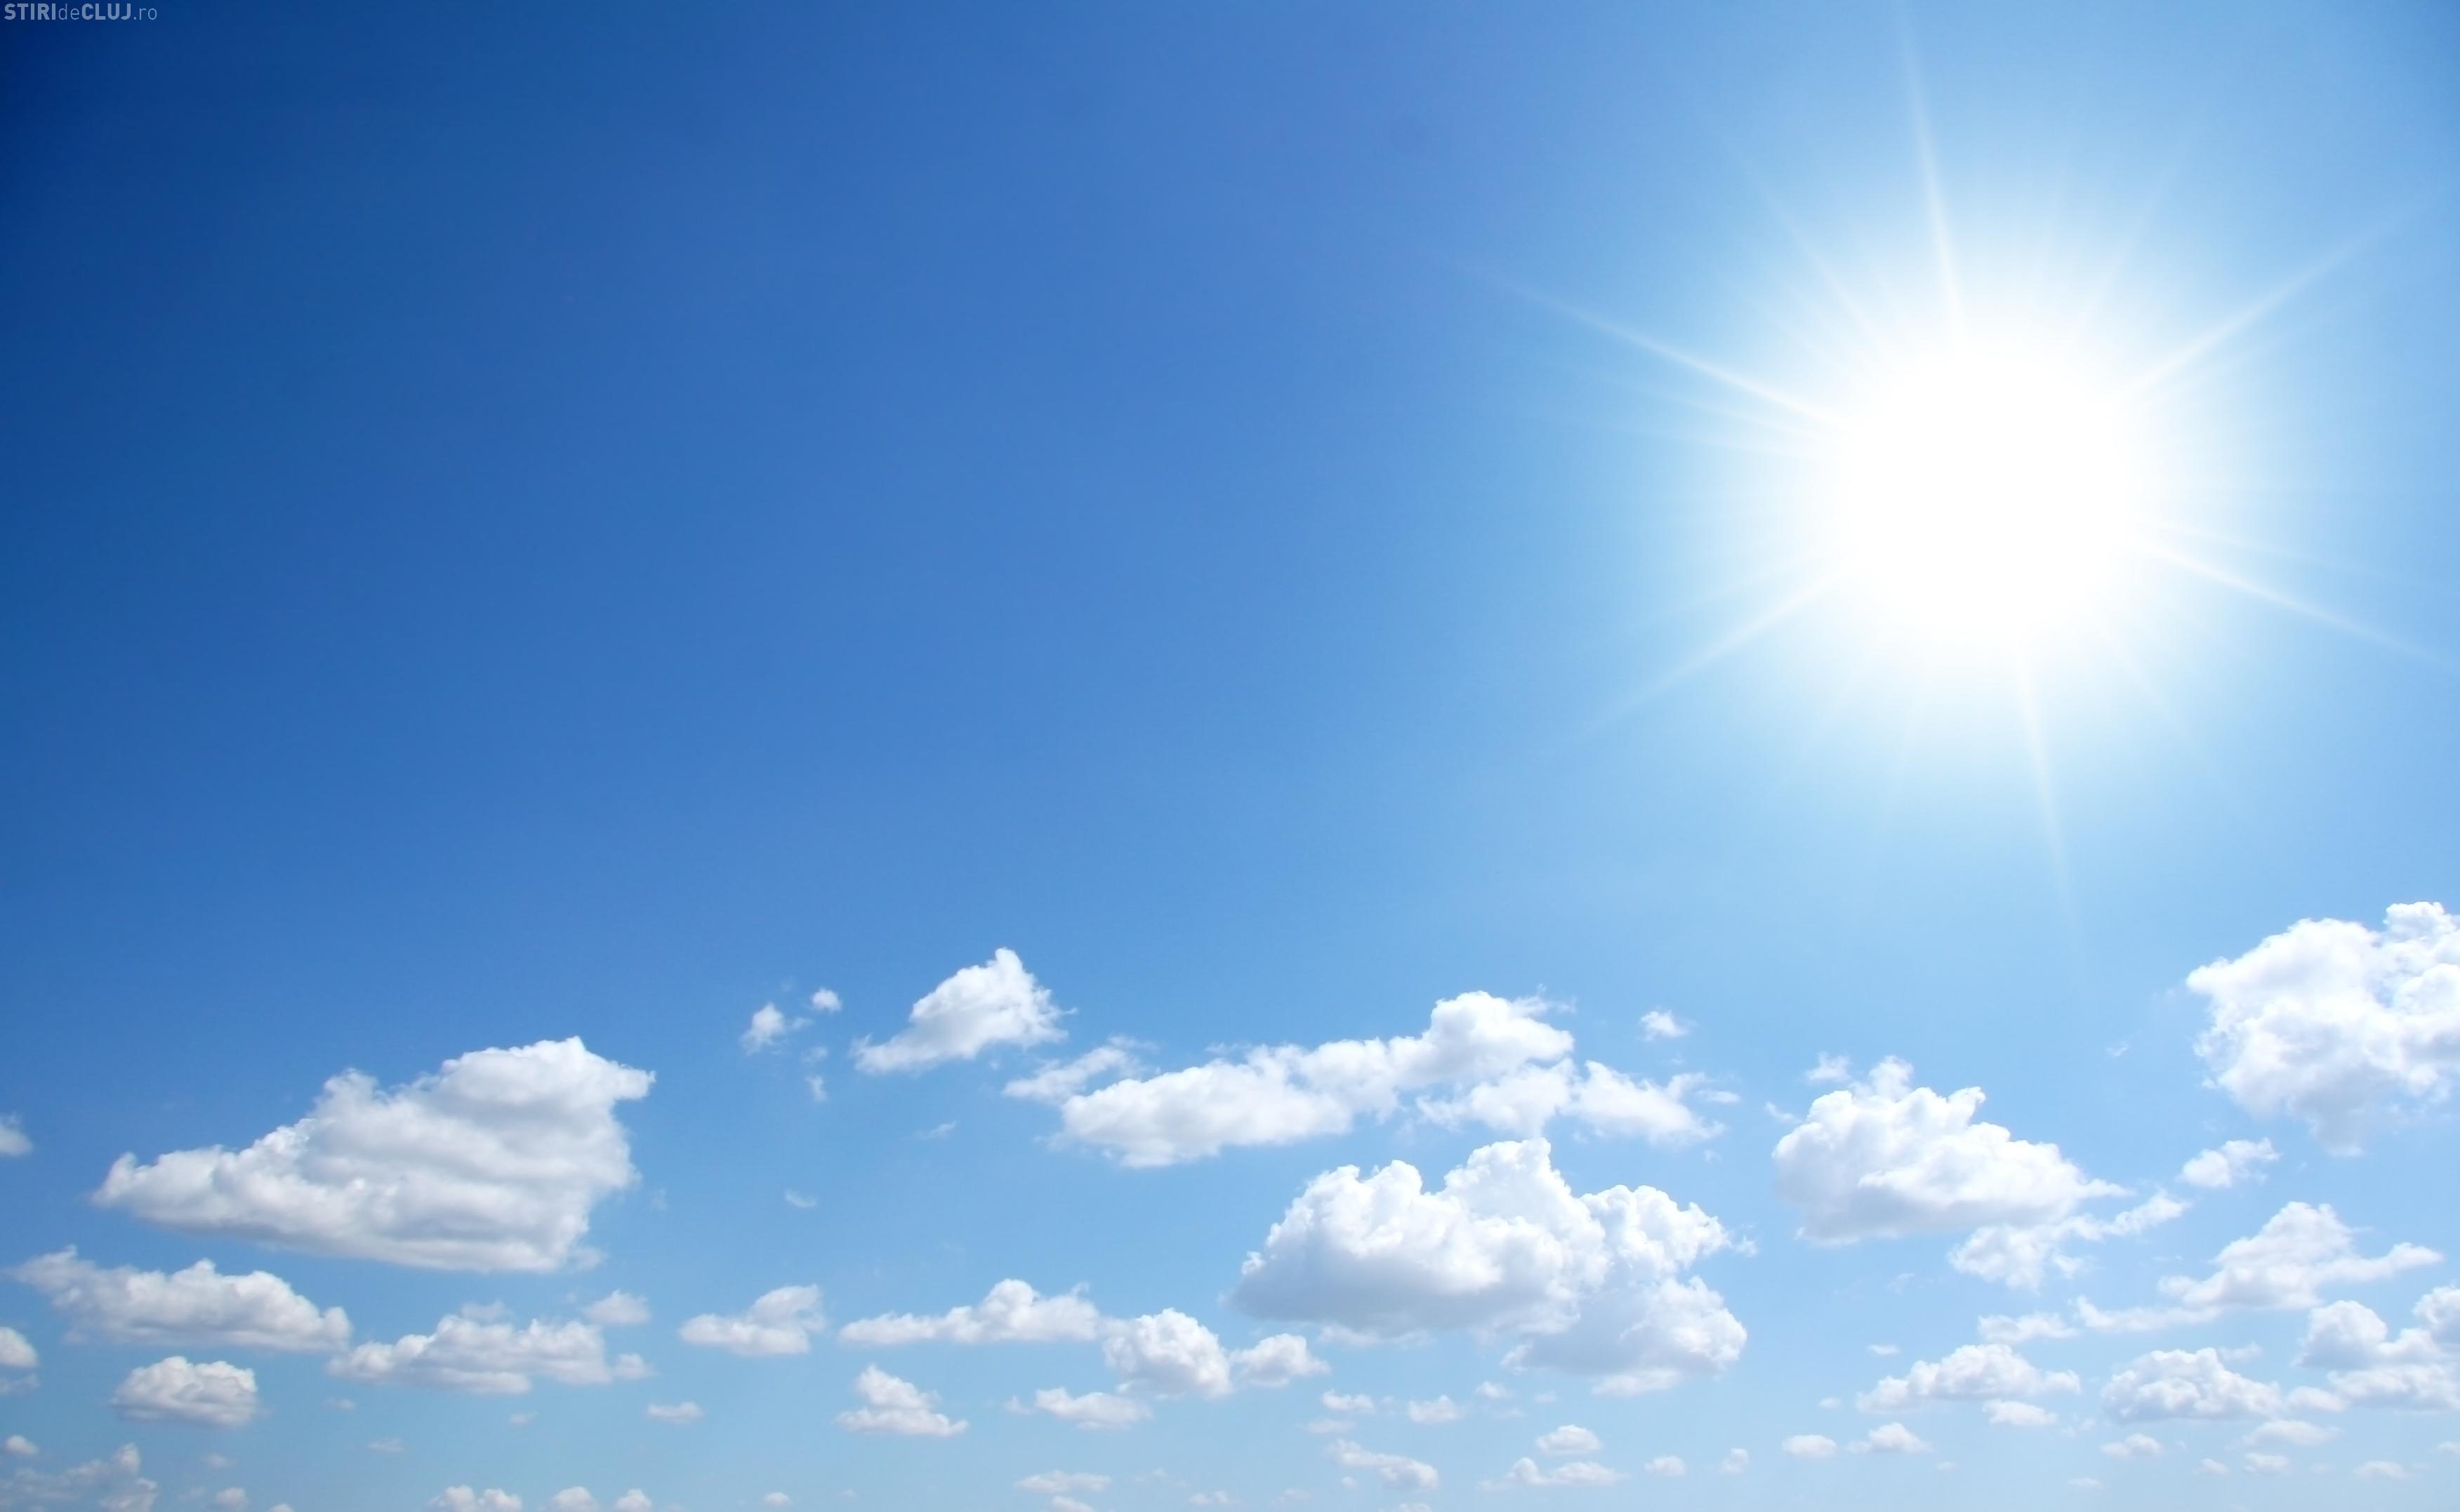 Prognoza meteo pe două săptămâni: Căldură și ploi, până la jumătatea lunii august